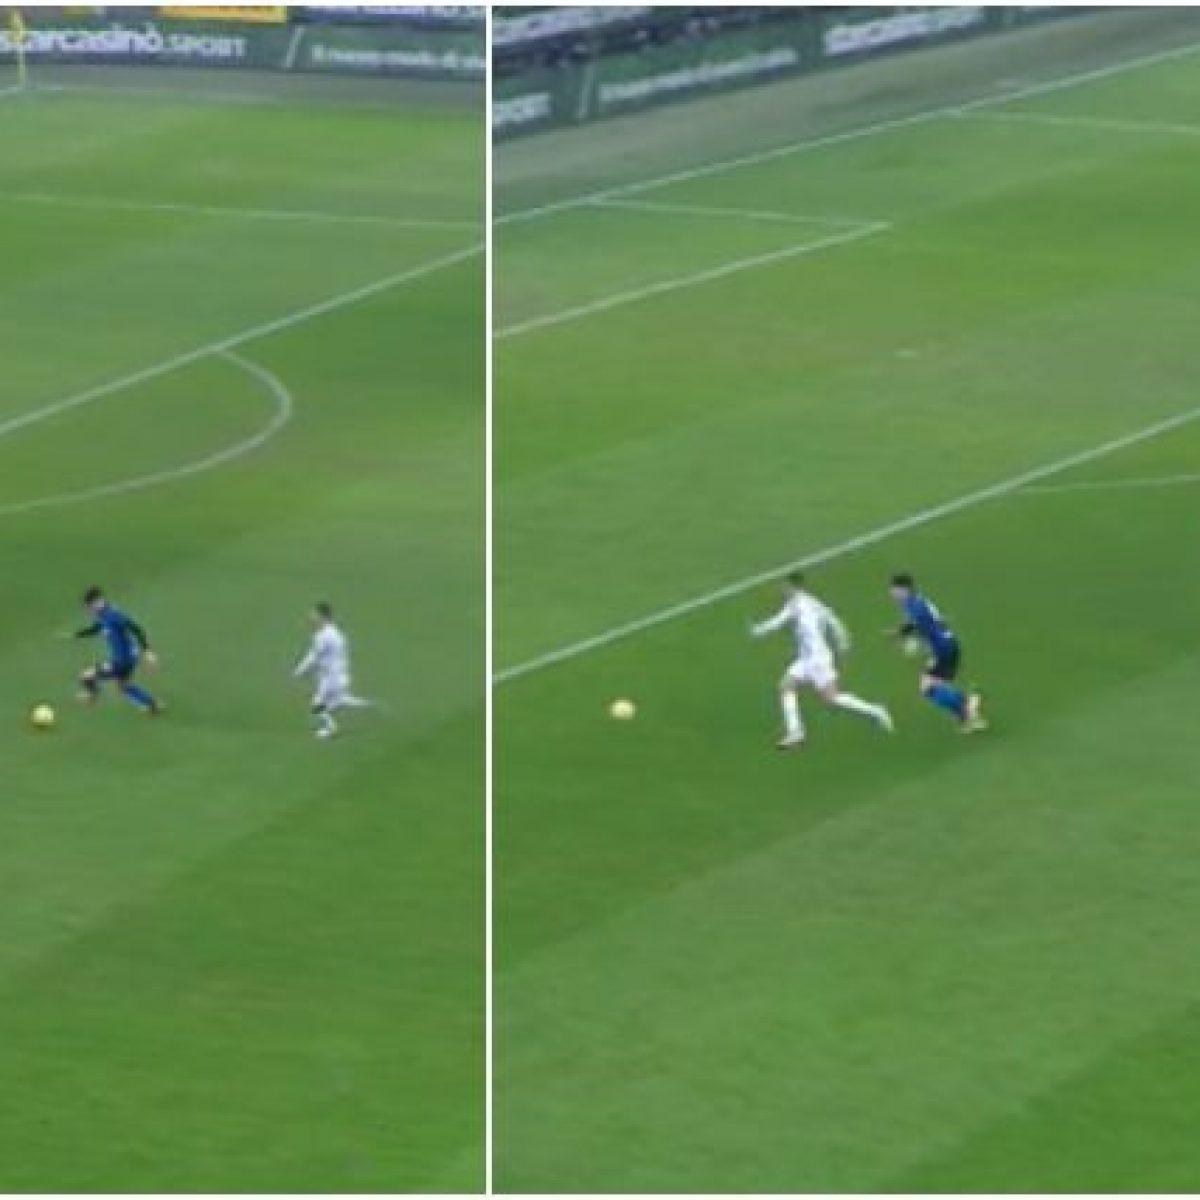 Il clamoroso errore di Handanovic e Bastoni sul gol di Cristiano Ronaldo in  Inter-Juve